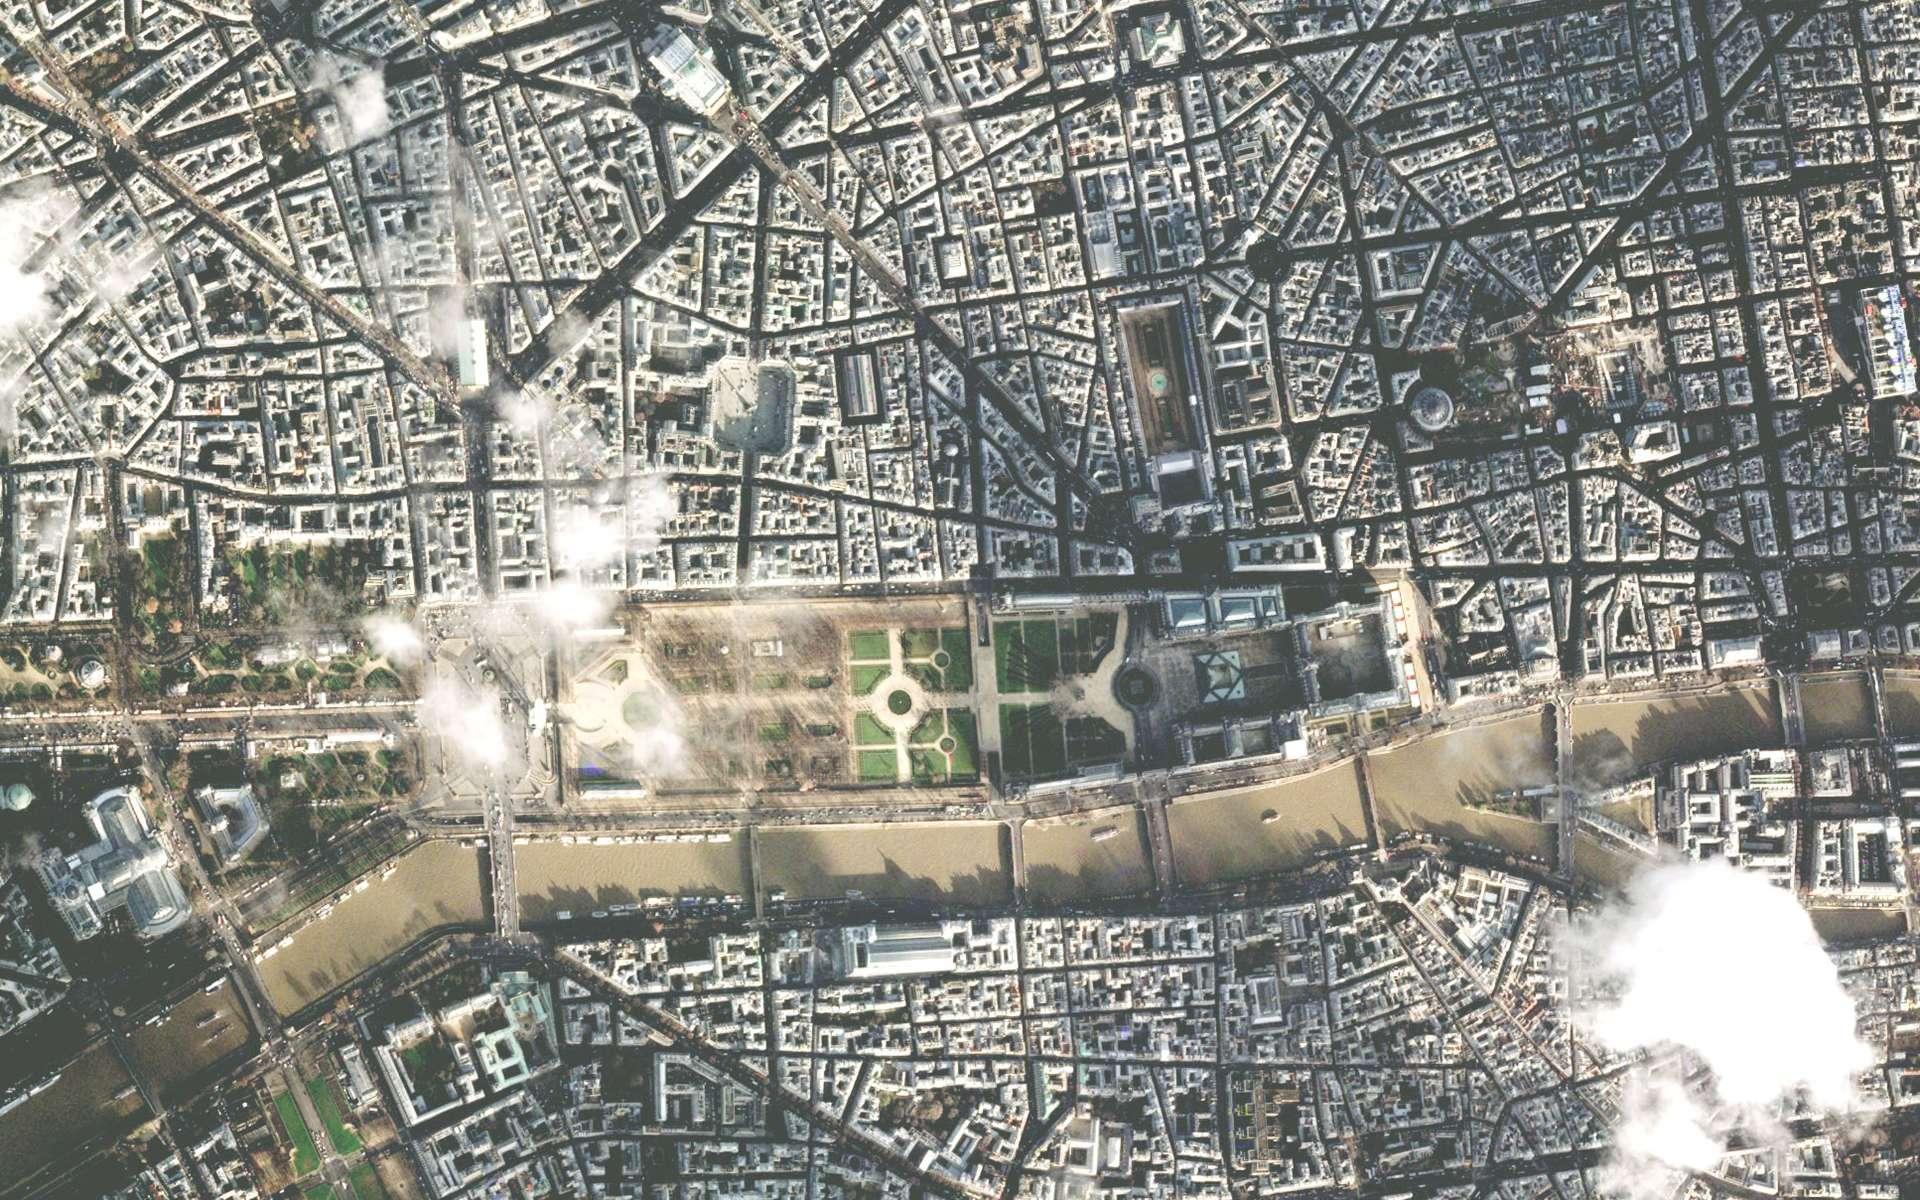 Quelques jours après sa mise en orbite, Pléiades 1A était déjà opérationnel. En survolant Paris, le satellite a une vue imprenable sur le jardin des Tuileries. © Cnes/Astrium Geo-Information Services